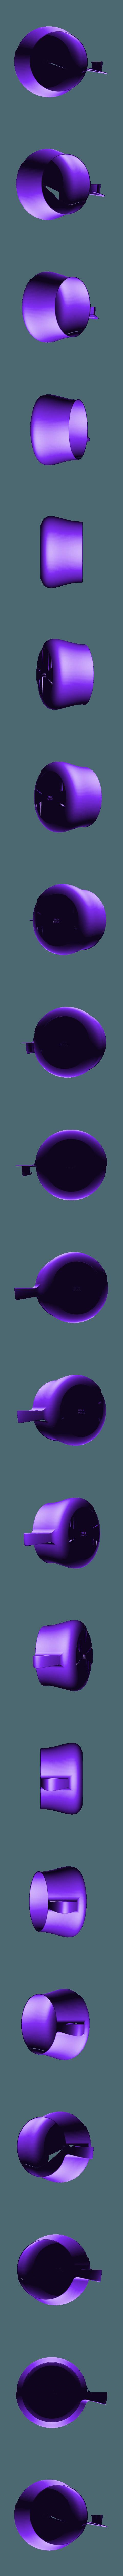 """Tasse à café.stl Download STL file collection """"LENS"""" 3dgregor • 3D printable model, 3dgregor"""